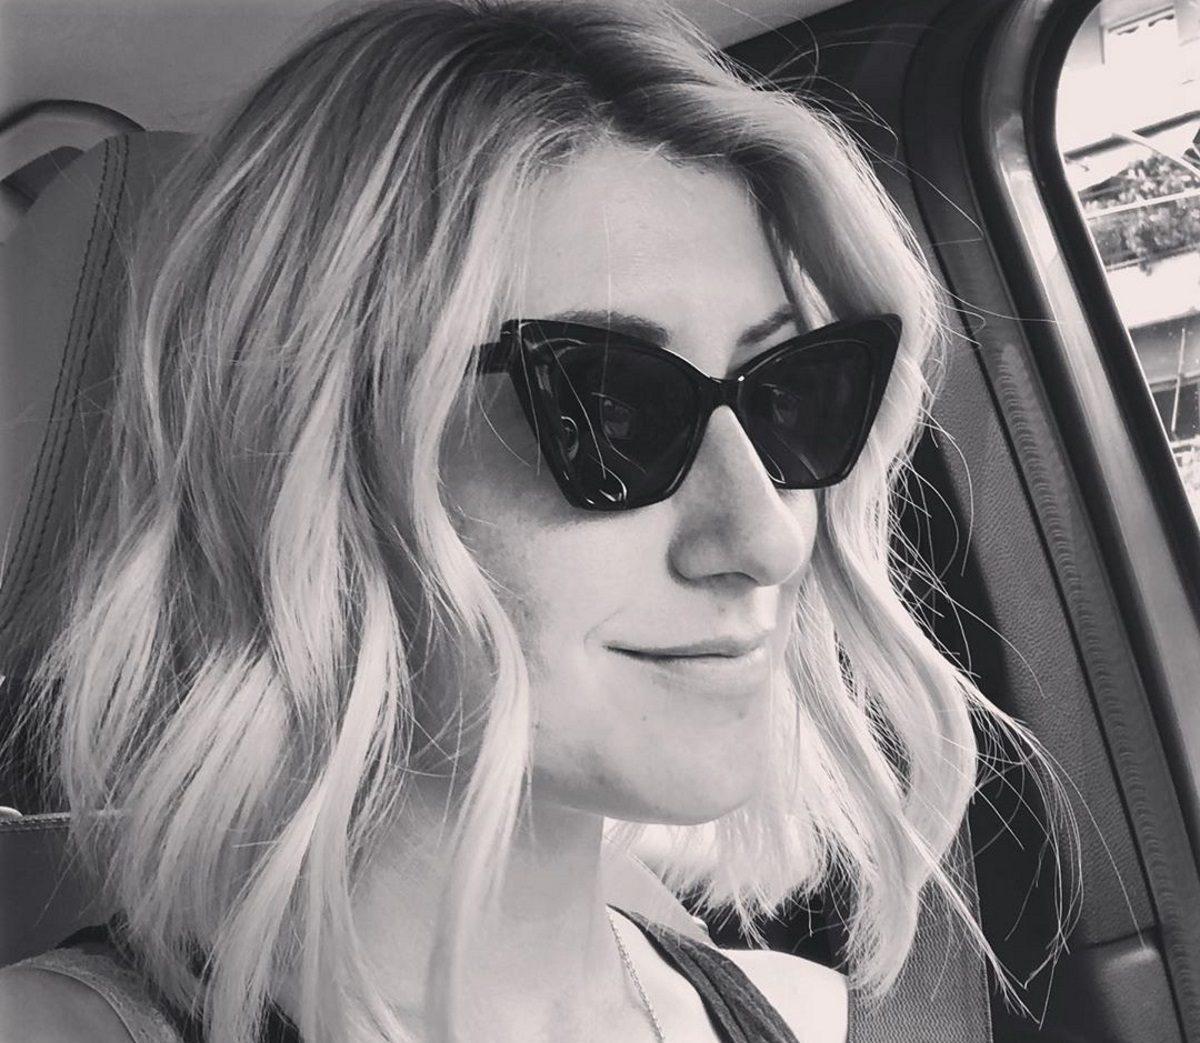 Ριζική αλλαγή για τη Σία Κοσιώνη! Έκοψε τα μαλλιά της κοντά [pics] | tlife.gr